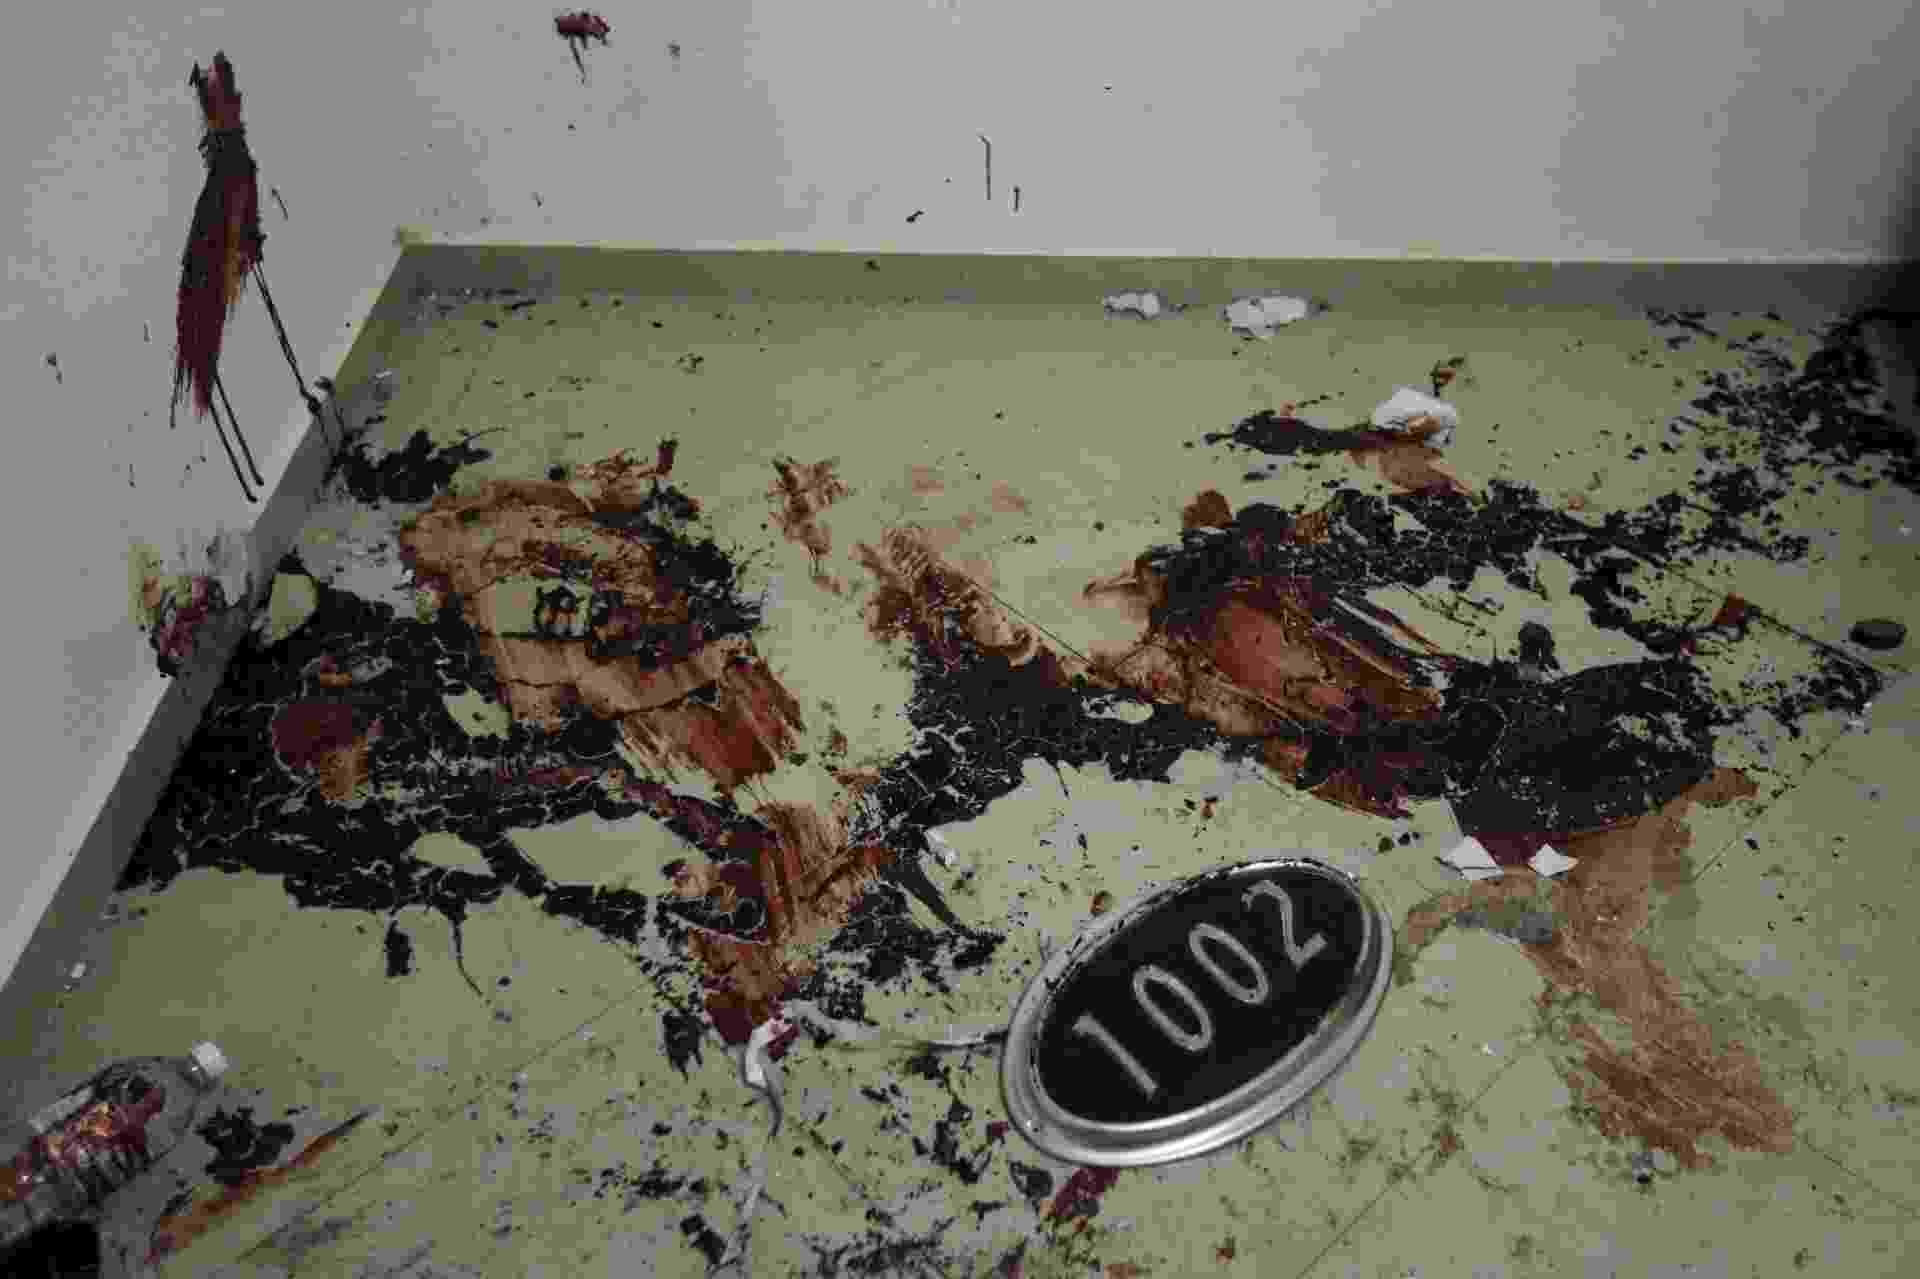 """12.jan.2016 - Marcas de sangue são vistas no chão ao lado de uma placa com o número de uma casa no esconderijo onde cinco pessoas morreram durante operação policial realizada na última sexta-feira (8) para recapturar o narcotraficante Joaquín """"El Chapo"""" Guzmán, Los Mochis, no Estado de Sinaloa, no México. A imagem foi feita na segunda-feira (11). O traficante mais procurado do mundo tentou escapar das forças de segurança mexicanas abrindo uma porta secreta escondida atrás de um espelho e descendo em um túnel que conduz à rede pluvial da cidade. Mas, acabou sendo capturado pelos policiais - Edgard Garrido/Reuters"""